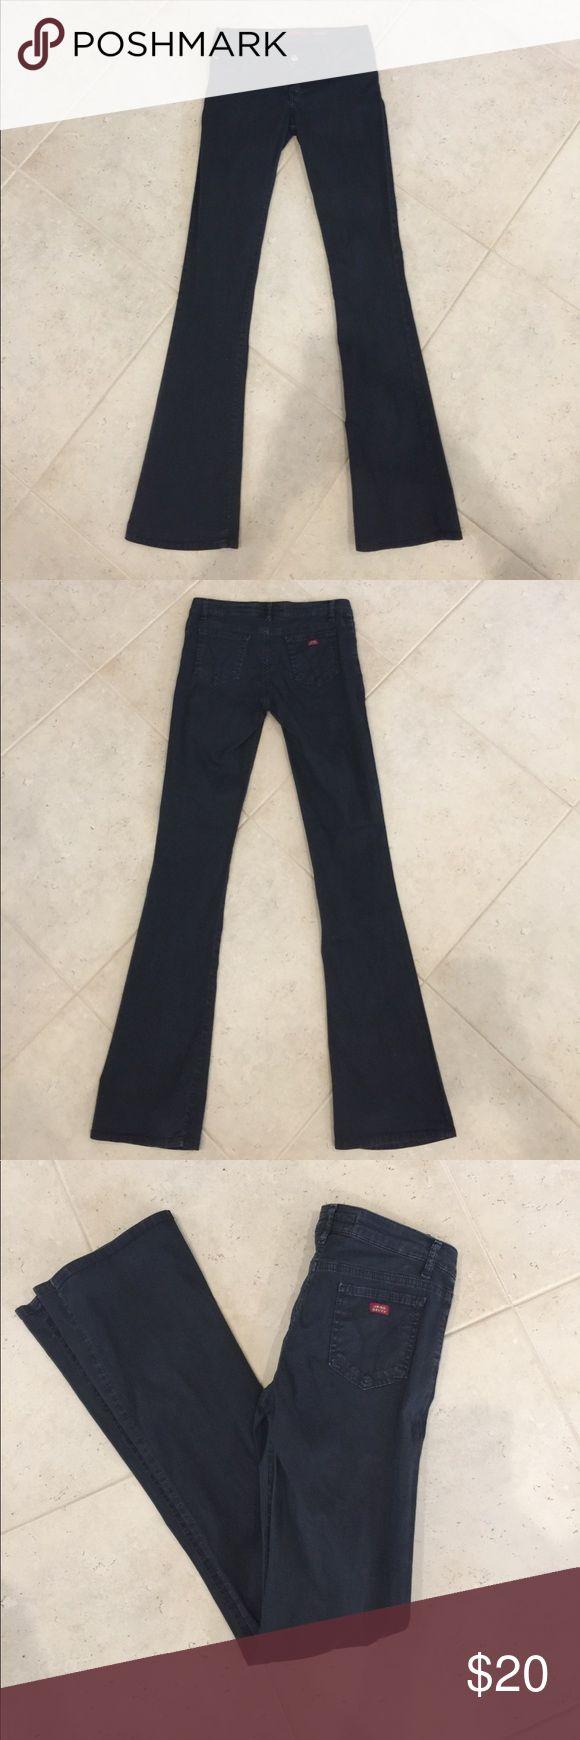 Miss Sixty Extra Low Ty Black Stretch Jeans Miss Sixty Extra Low Ty Black Stretch Boot Cut Jeans. 98% Cotton, 2% Elastane. Size 27. Miss Sixty Jeans Boot Cut